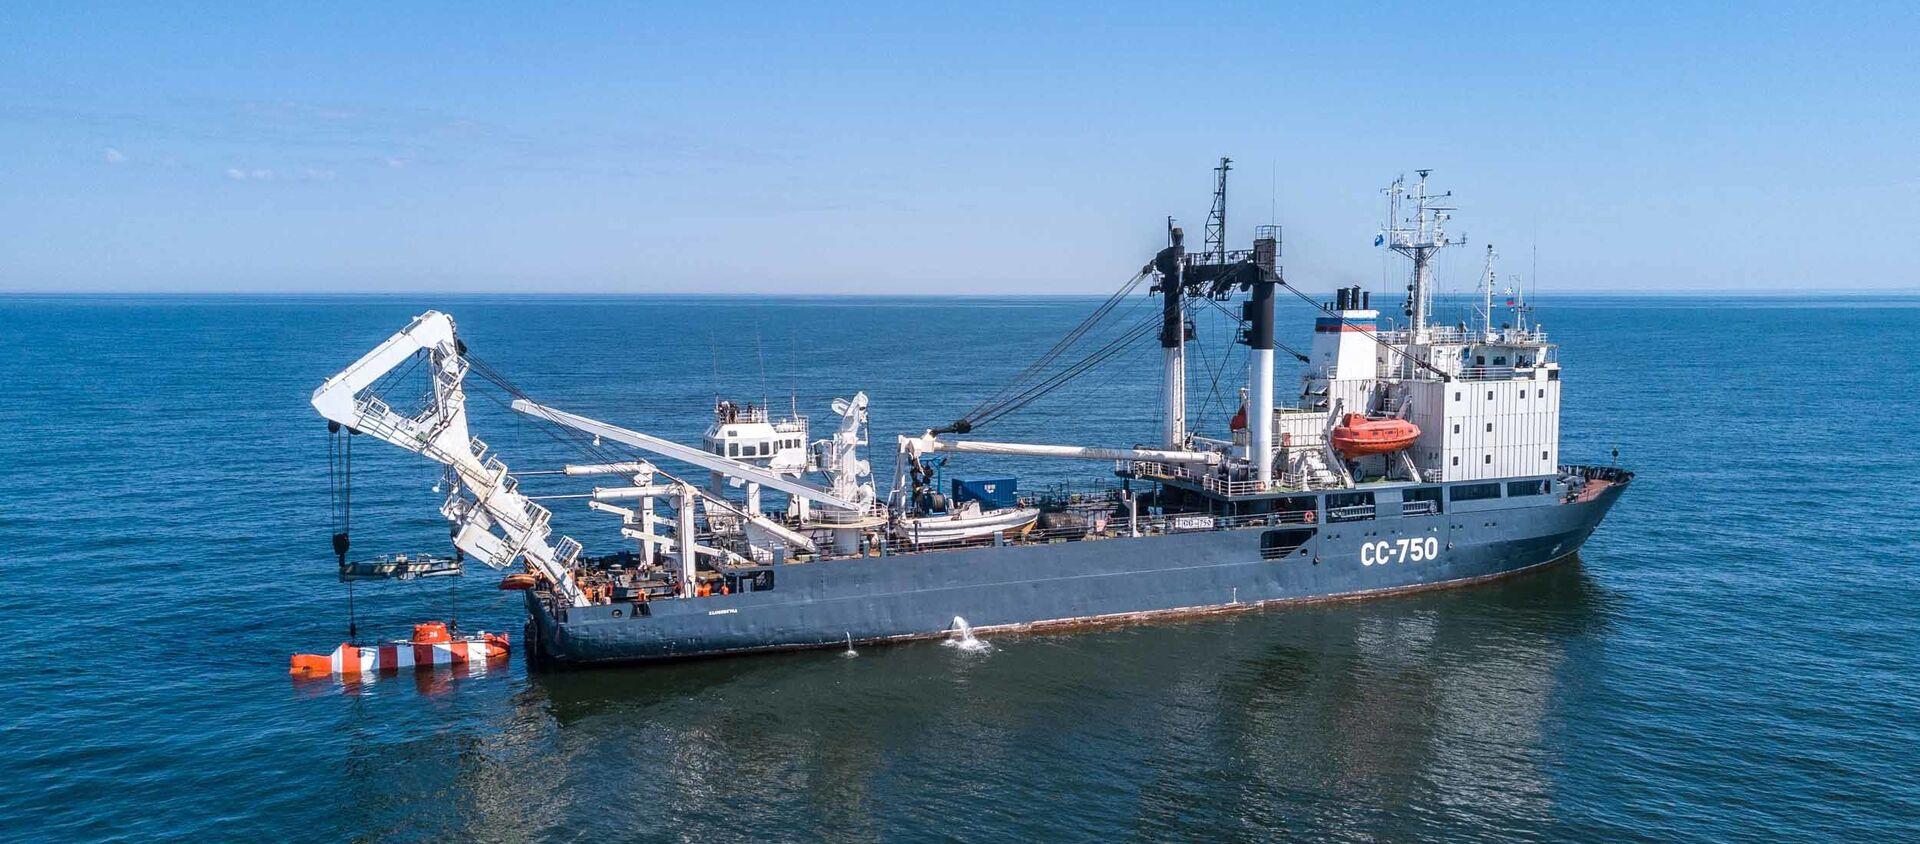 Załoga okrętu ratunkowego Floty Bałtyckiej SS-750 - Sputnik Polska, 1920, 29.06.2020